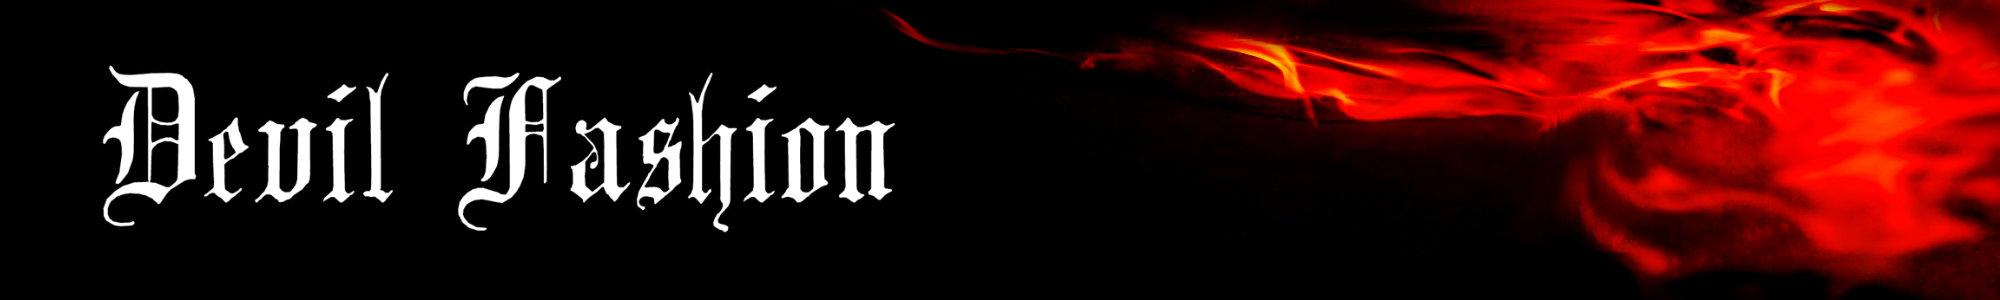 Devil Fashion Logo